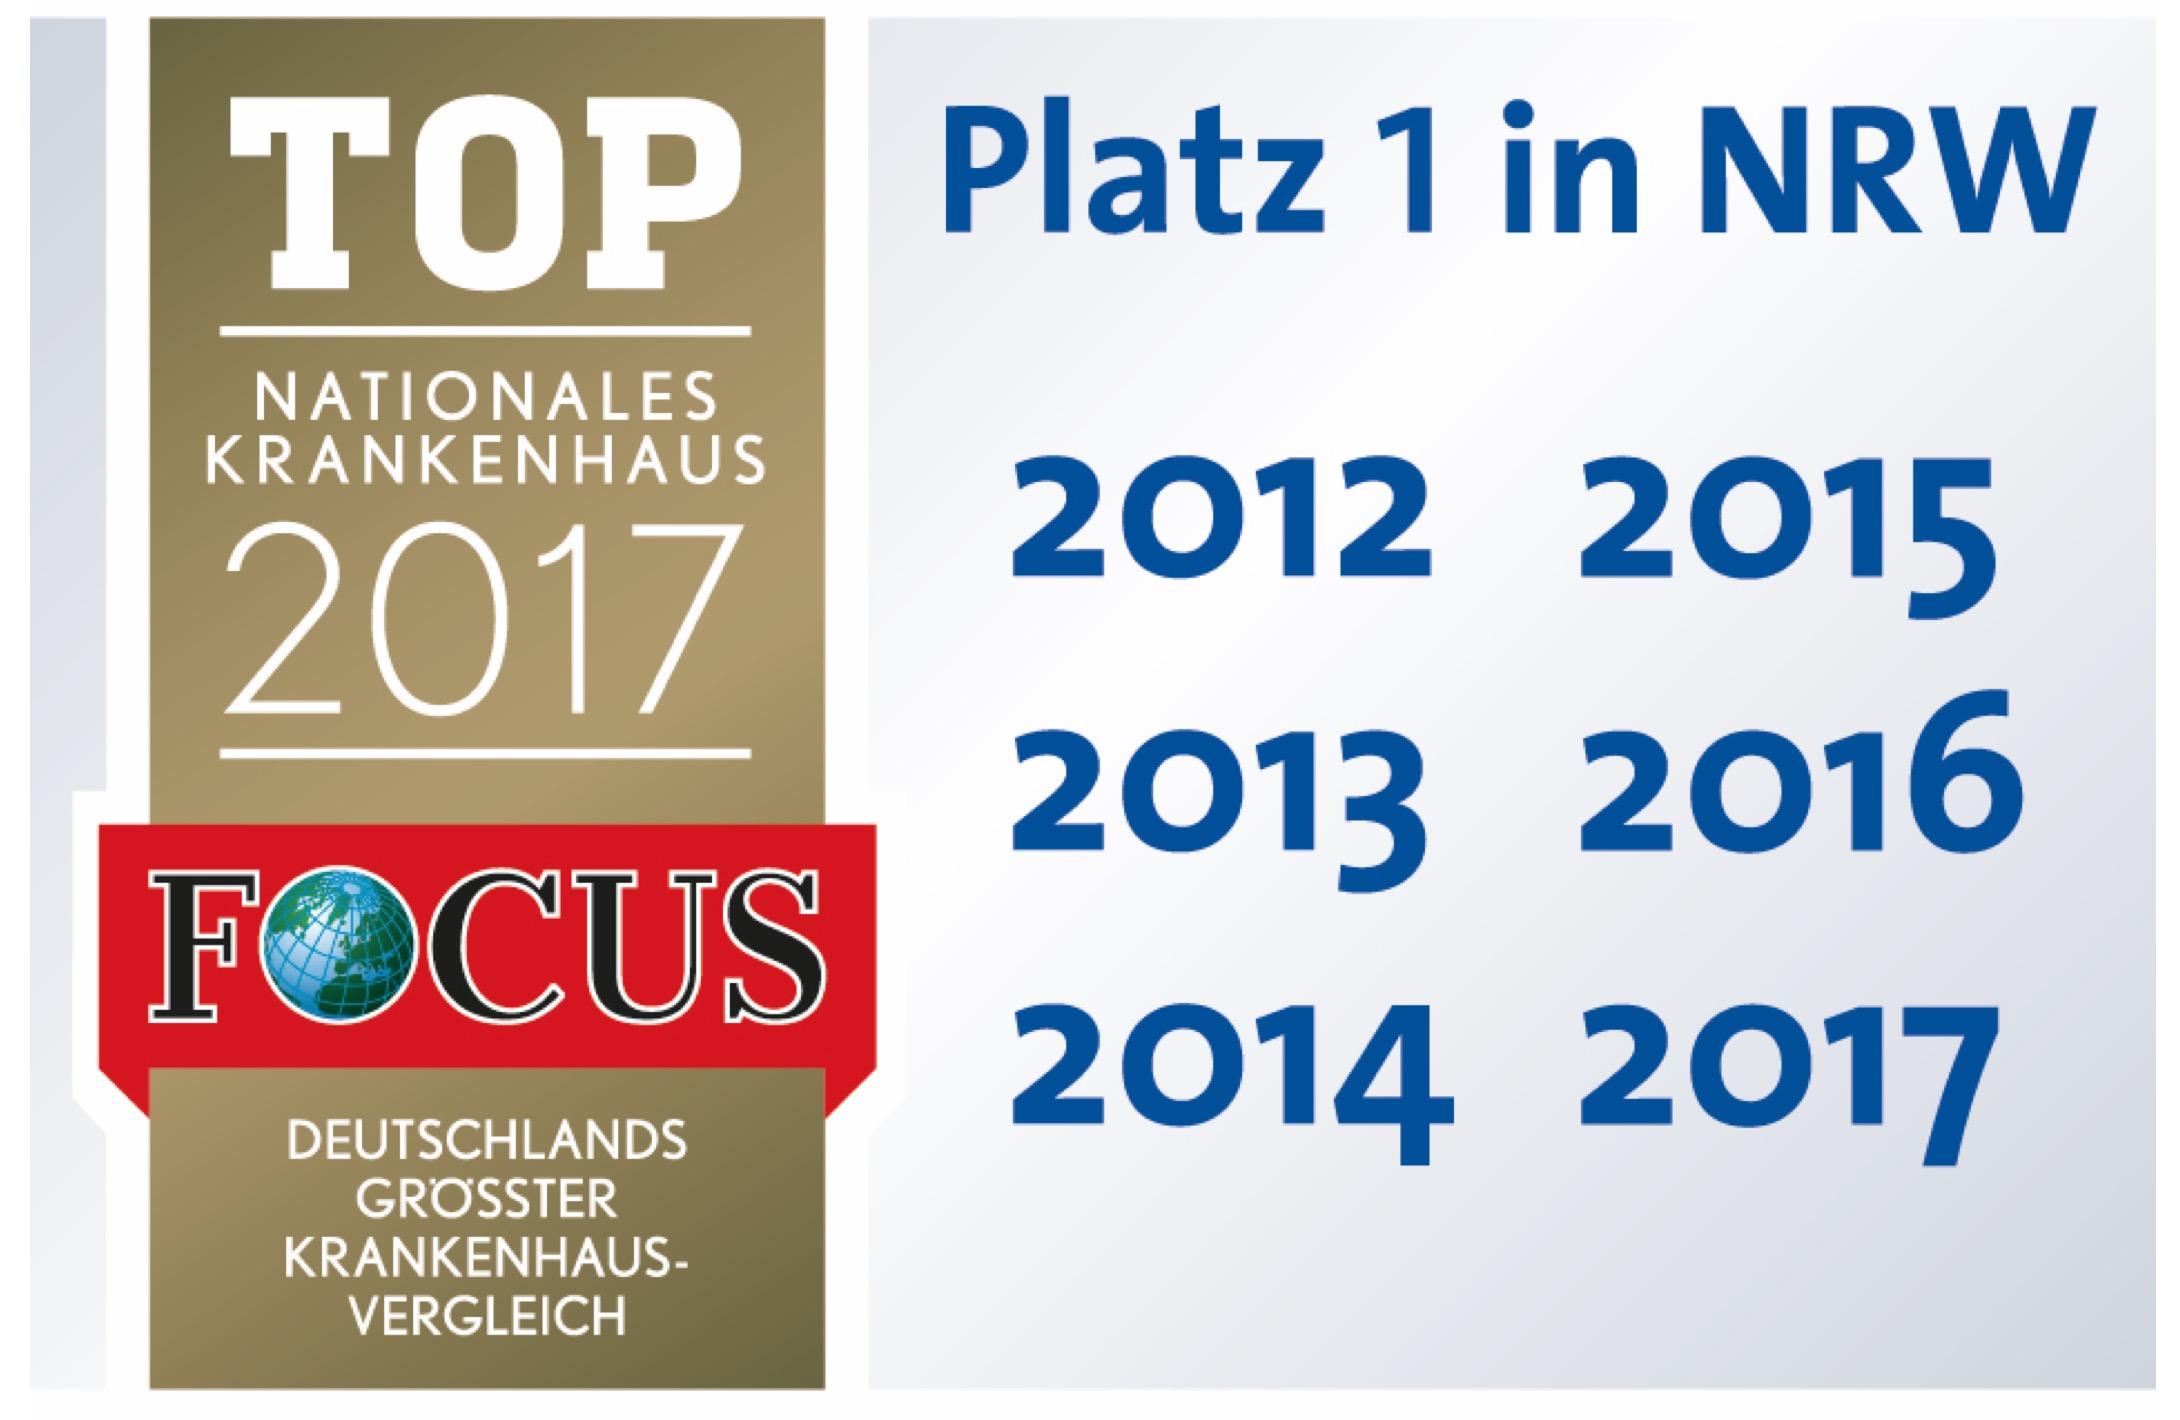 Universitätsklinikum Bonn zum fünften Mal in Folge auf Platz 1 in NRW und auf Platz 8 in Deutschland aufgerückt